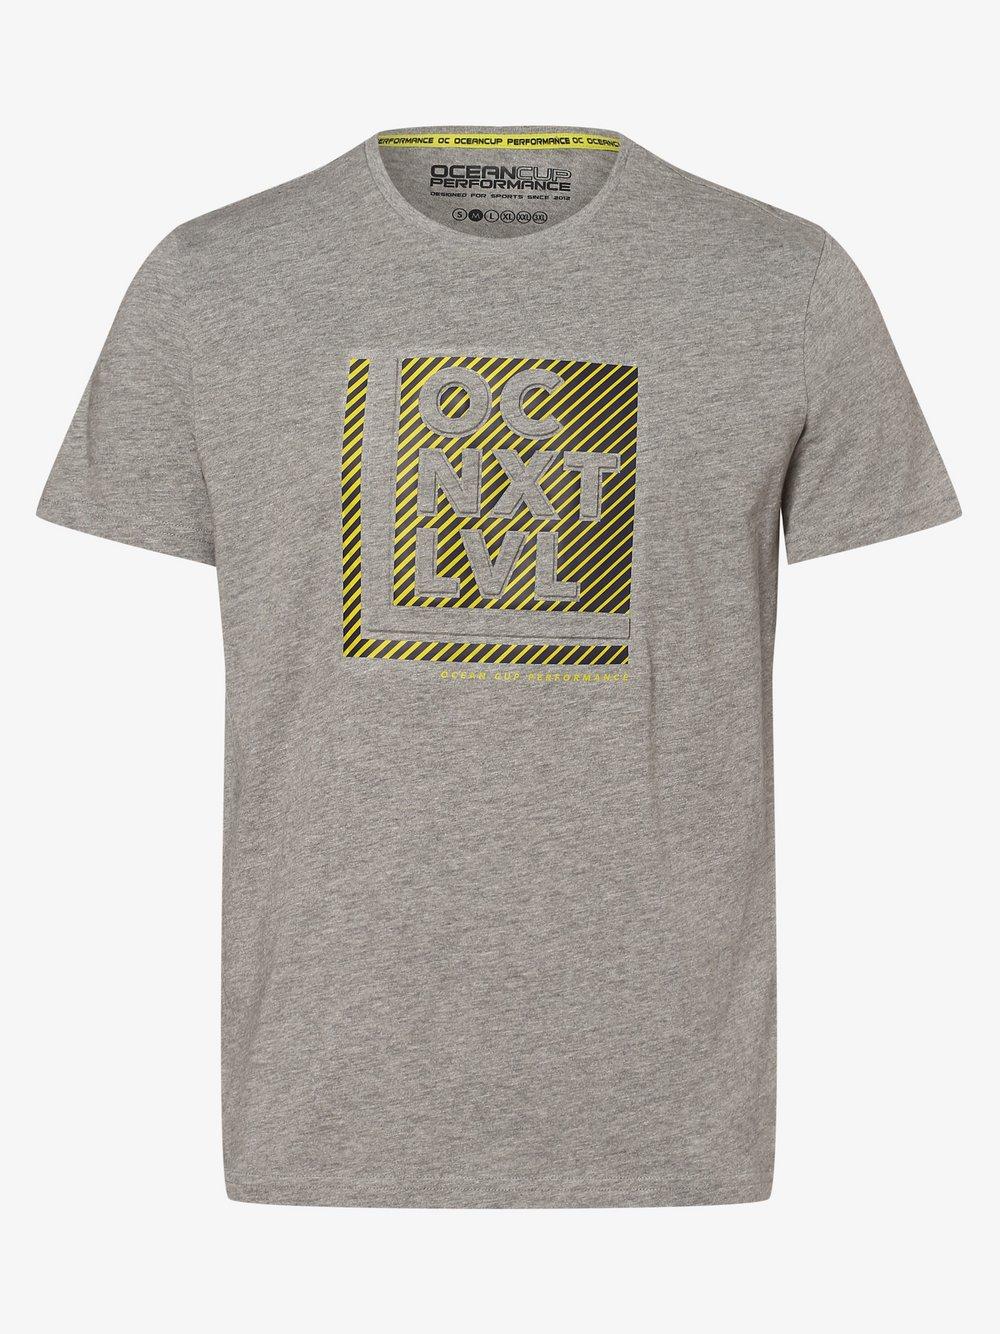 Ocean Cup - T-shirt męski, szary